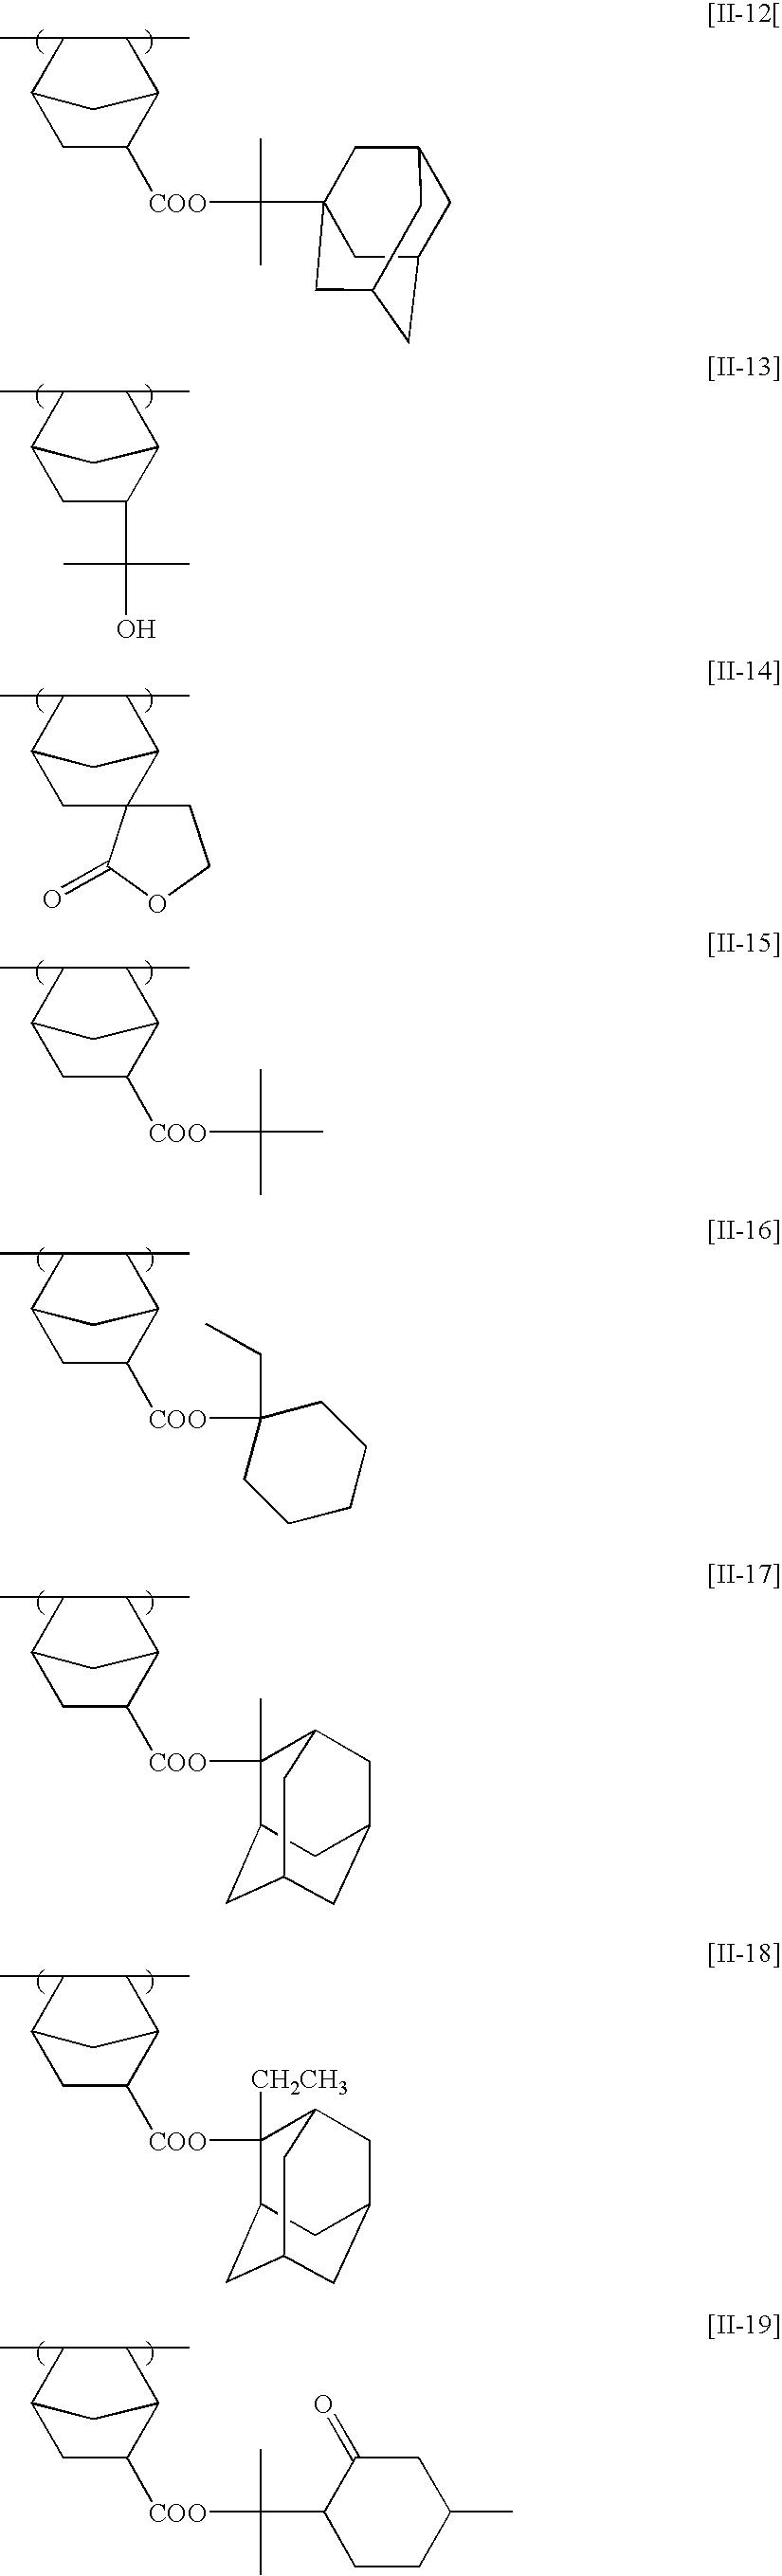 Figure US08241840-20120814-C00021